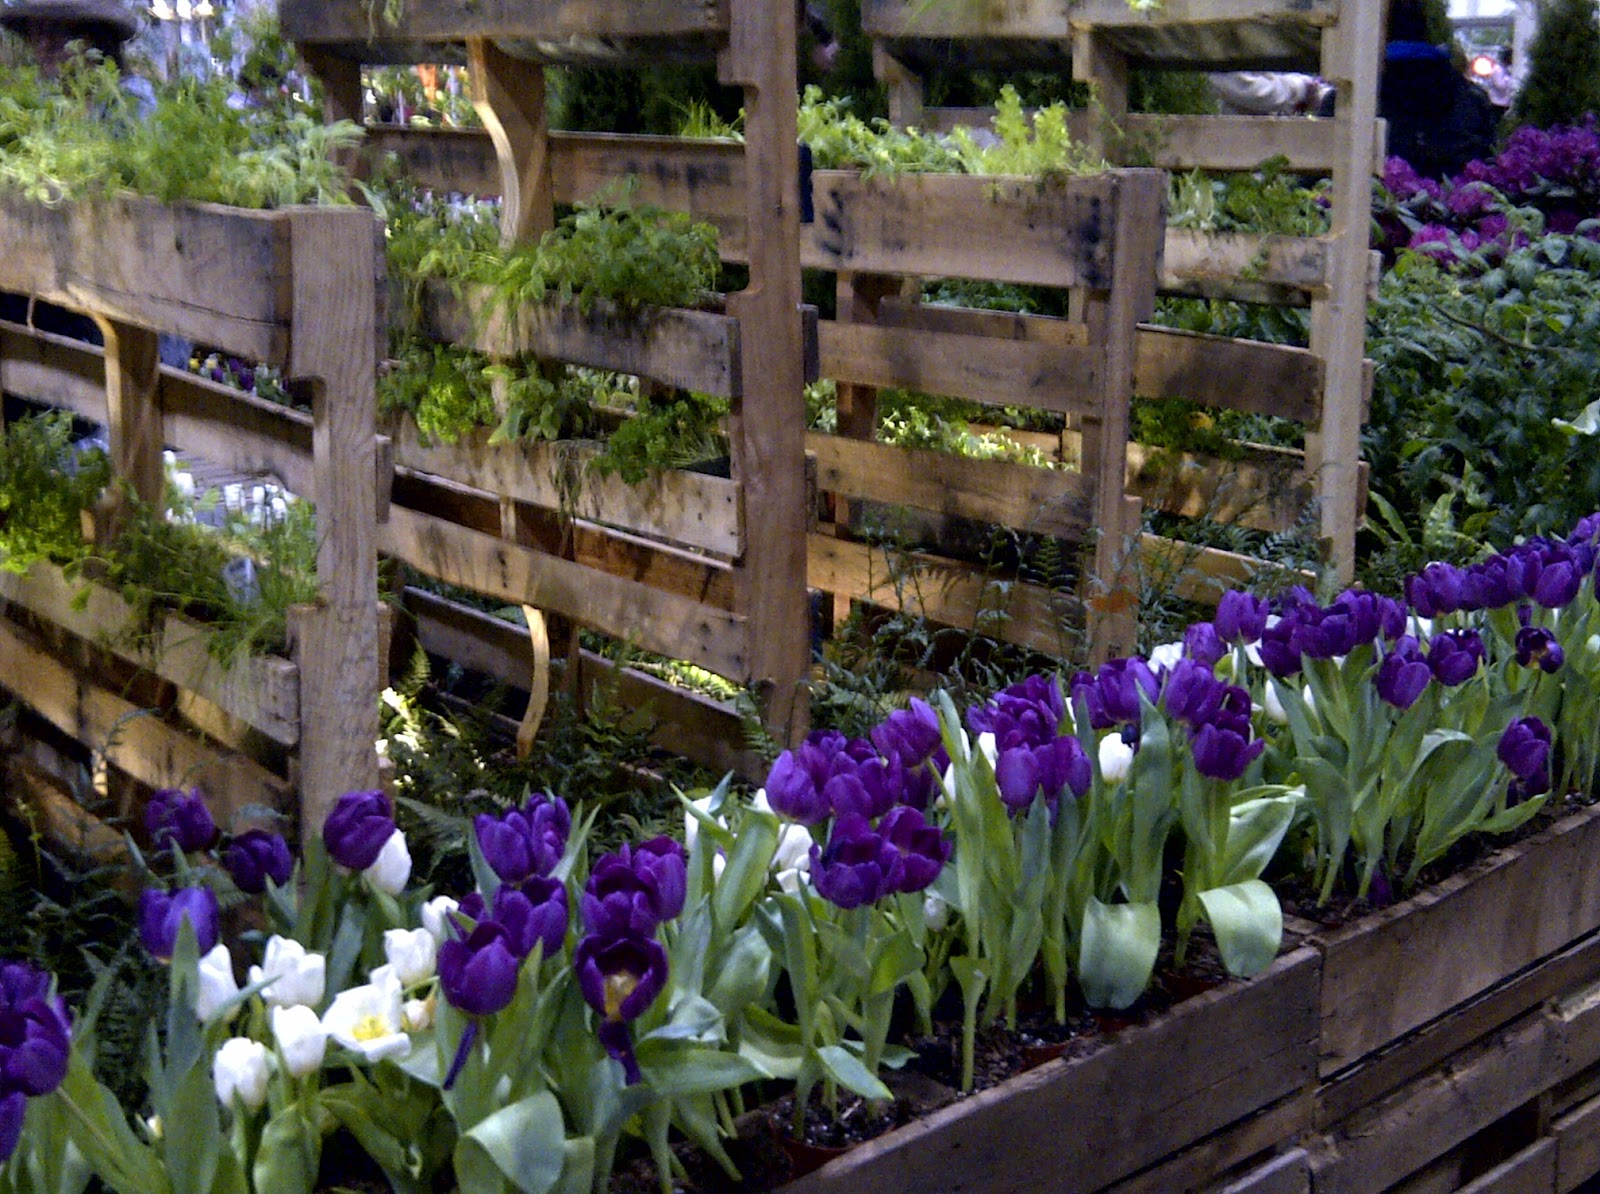 Garden Ideas Pallets: 3 Amazing DIY Pallet Garden Ideas